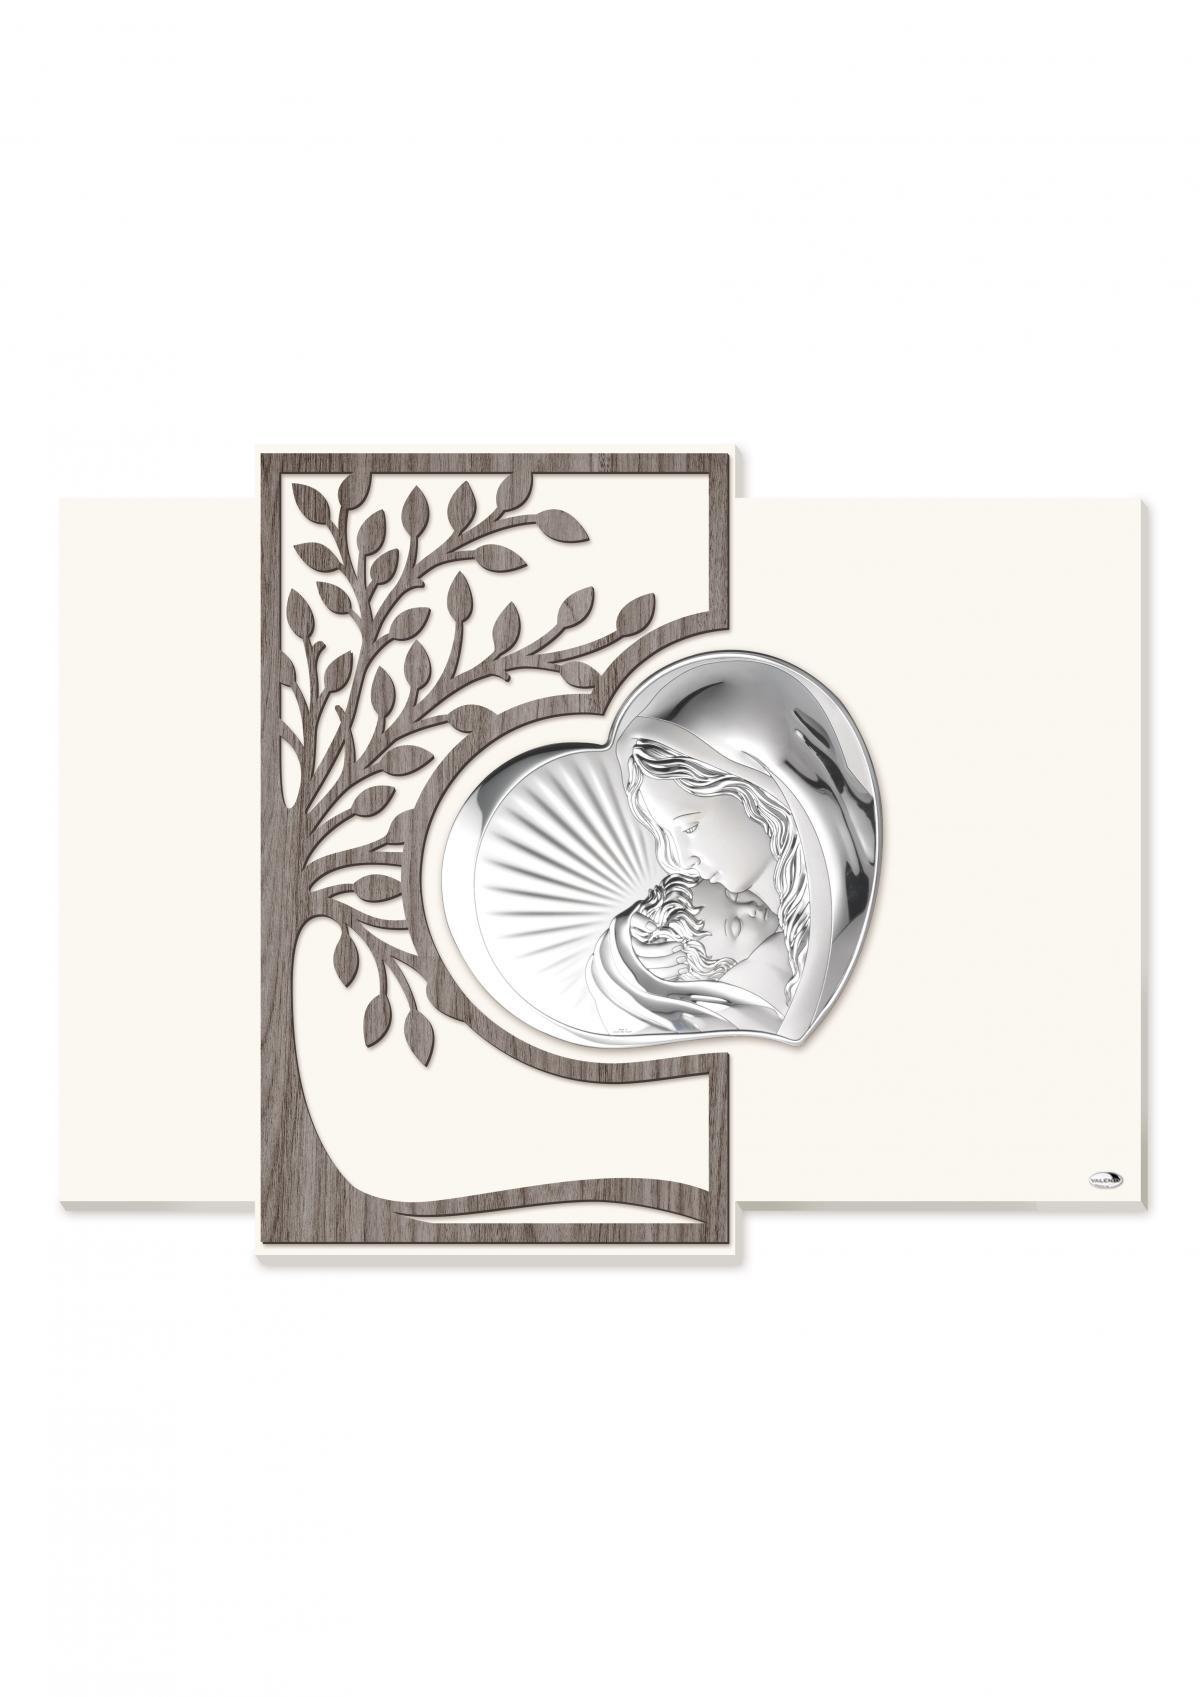 Ікона срібна ``Матір Божа з Немовлям`` 60х45см  L181